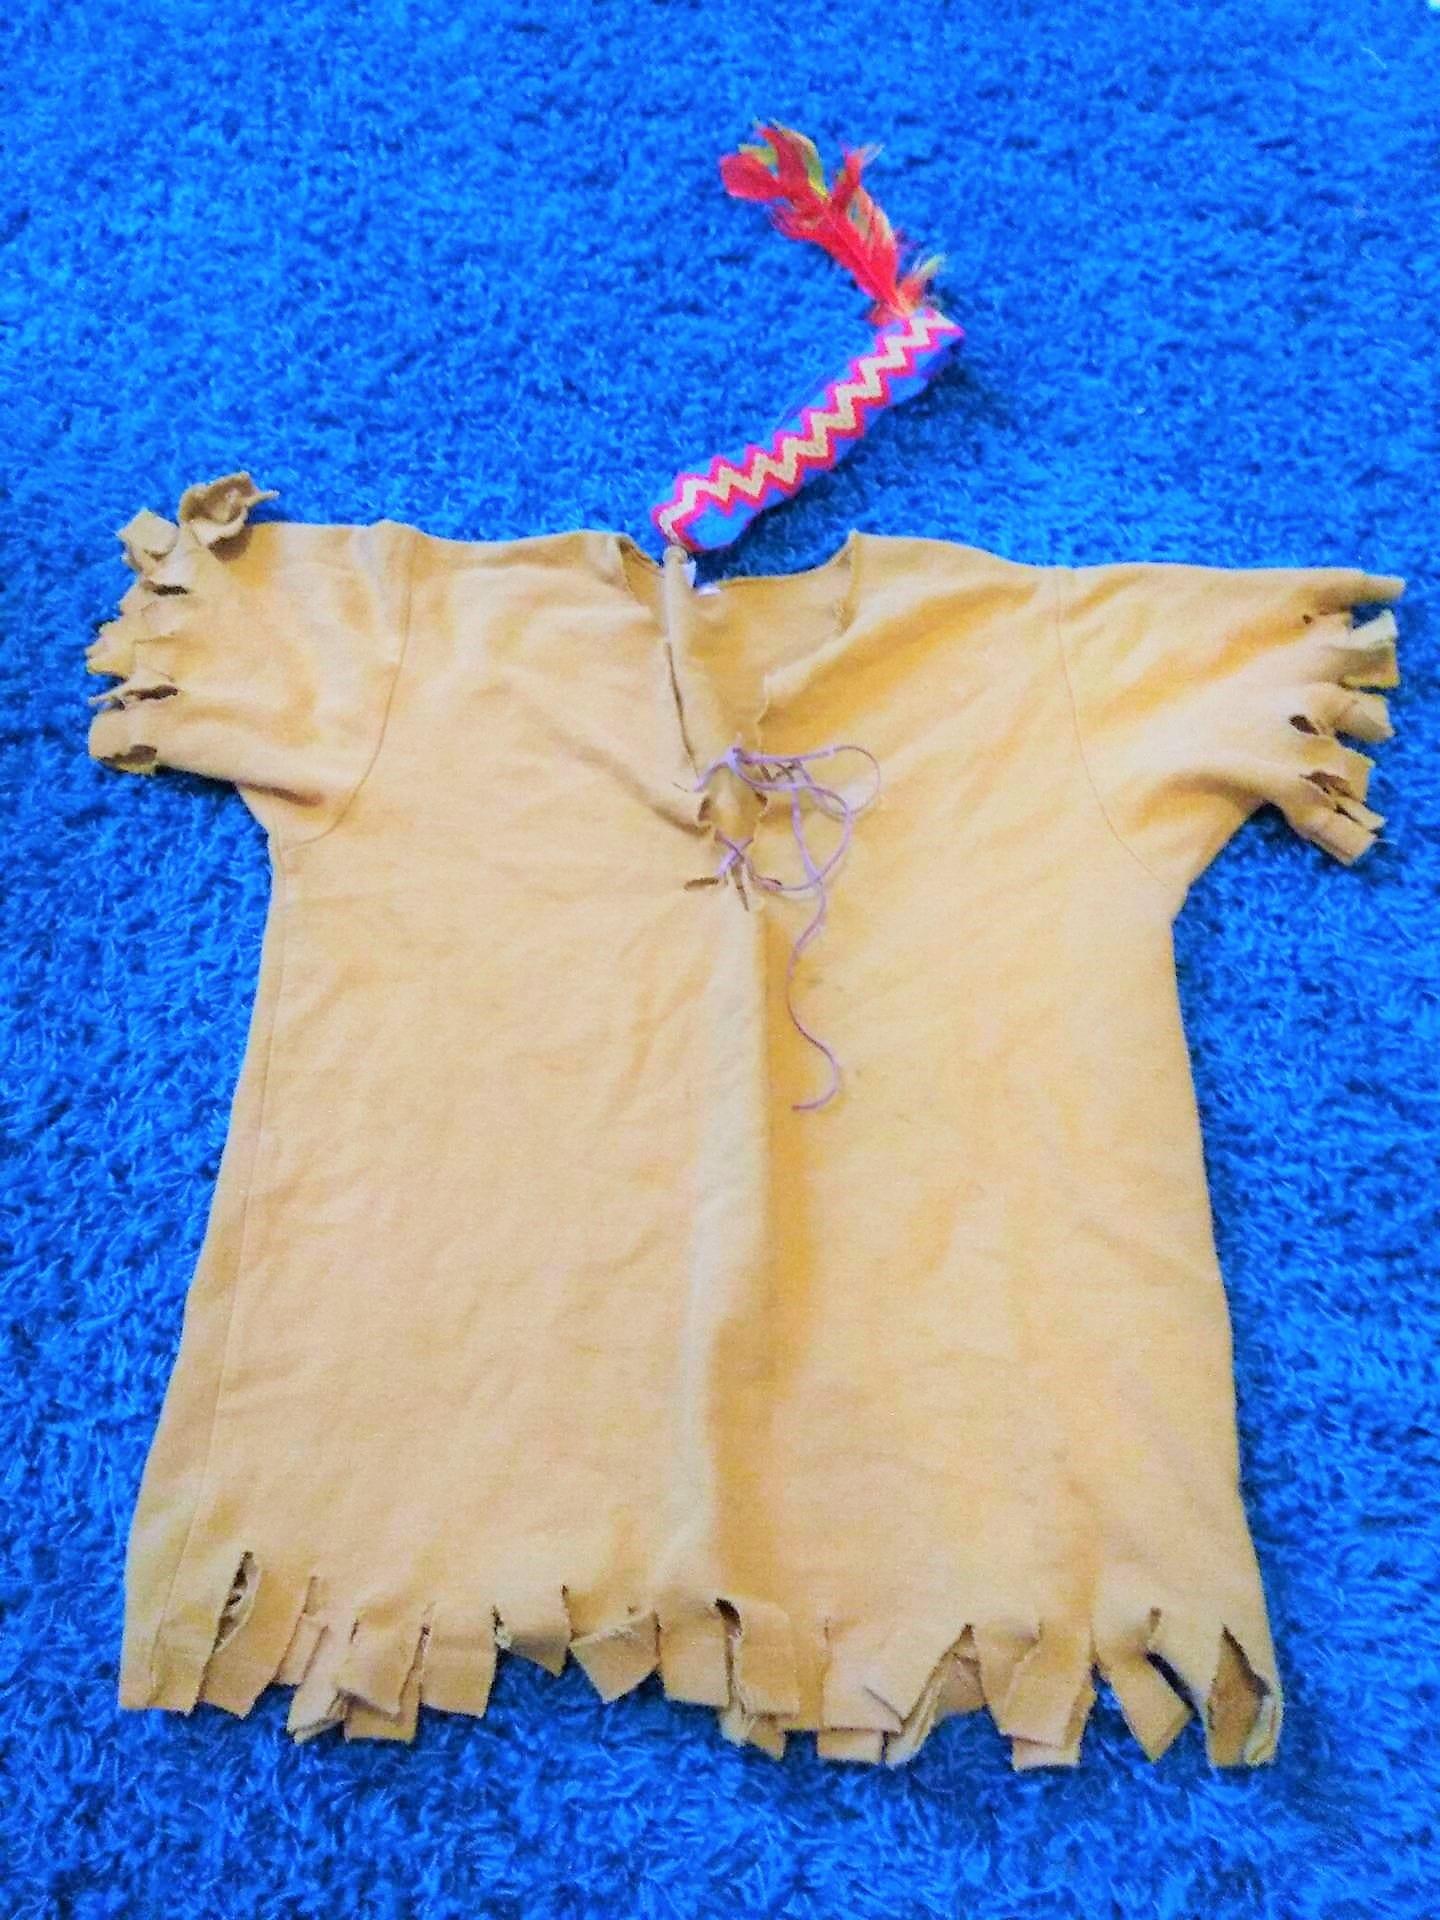 Indianerkostüm, Verkleidung für kleine Mäuse, Bastelanleitung, DIY, Upcycling eines Poloshirts, Karneval, Fasching, ohne Nadel und Faden